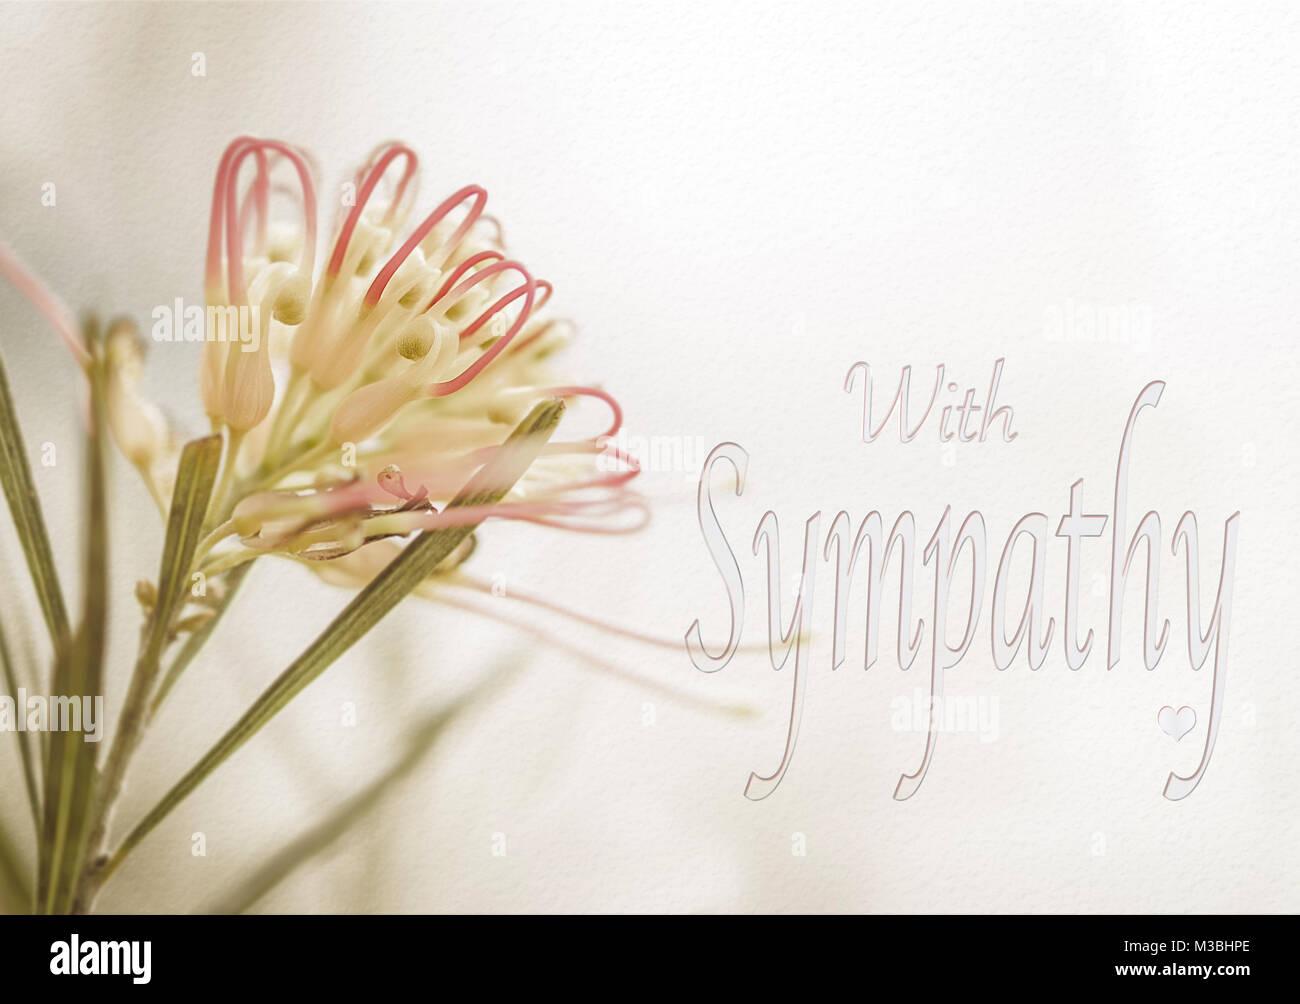 Beerdigung Karte.Sympathie Karte Mit Australischen Grevillea Blüten In Zarten